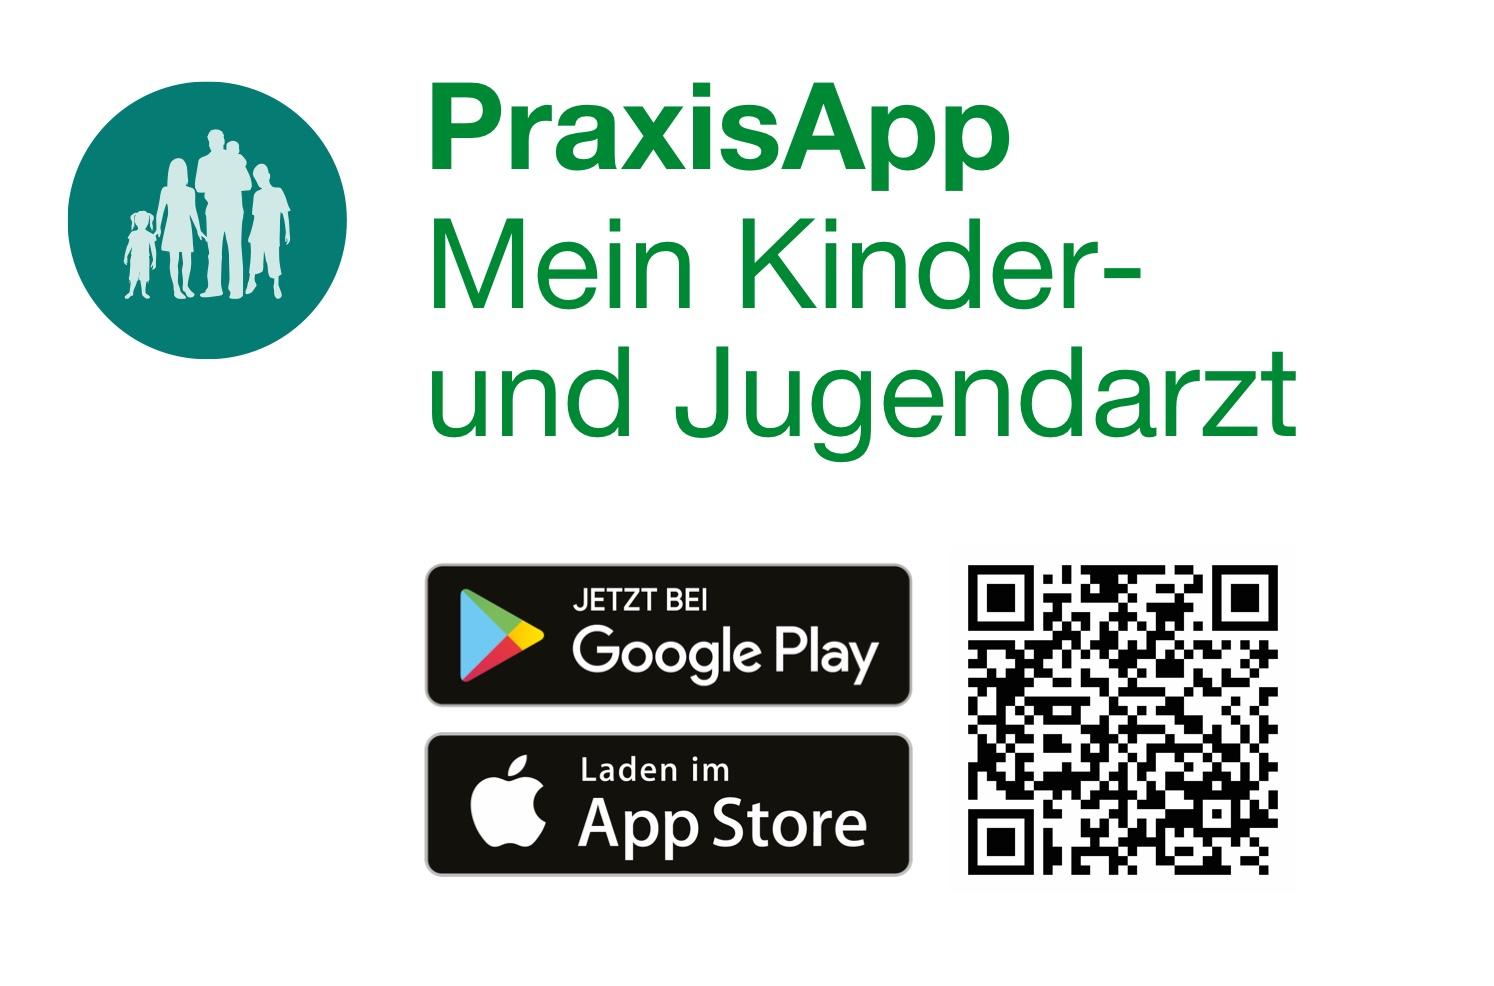 PraxisApp-Mein-Kinder-und-Jugendarzt